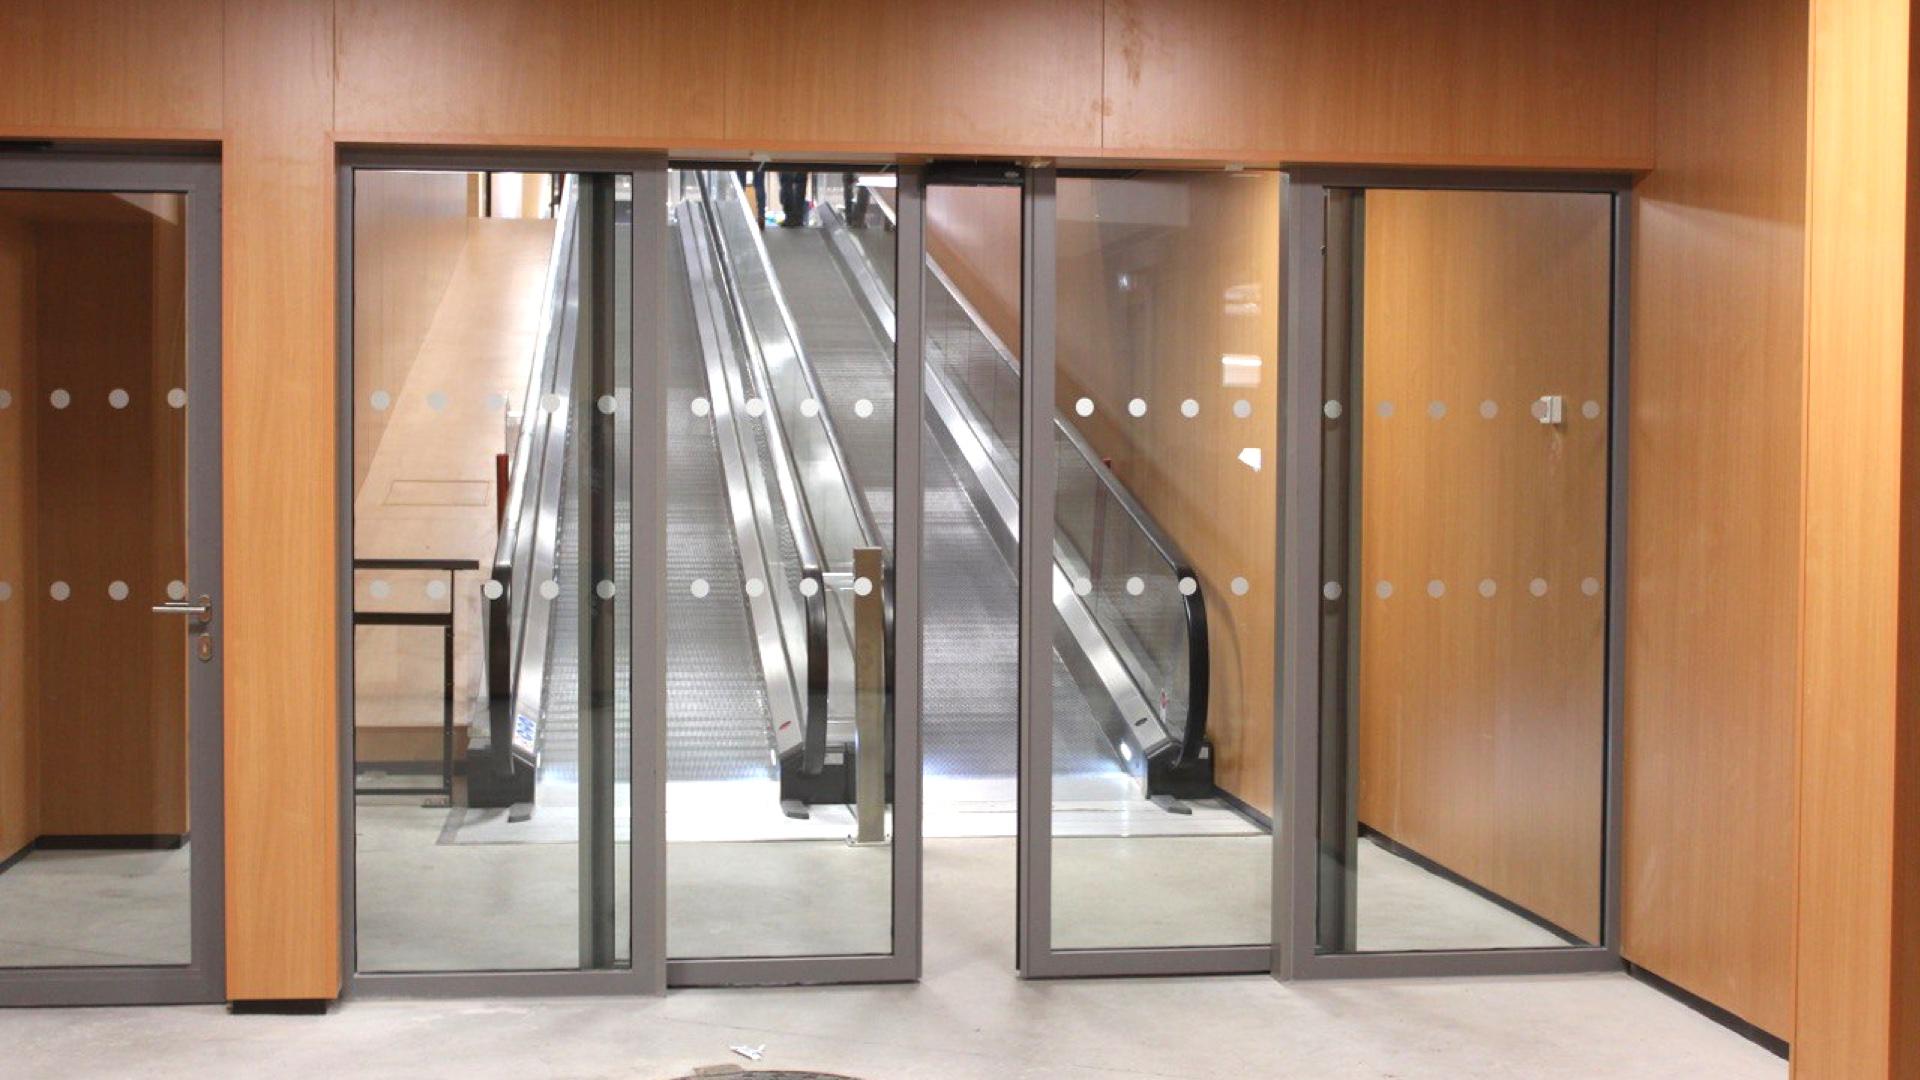 Portes Coulissantes Vitrées Intérieures porte coupe feu vitrée coulissante aluminium